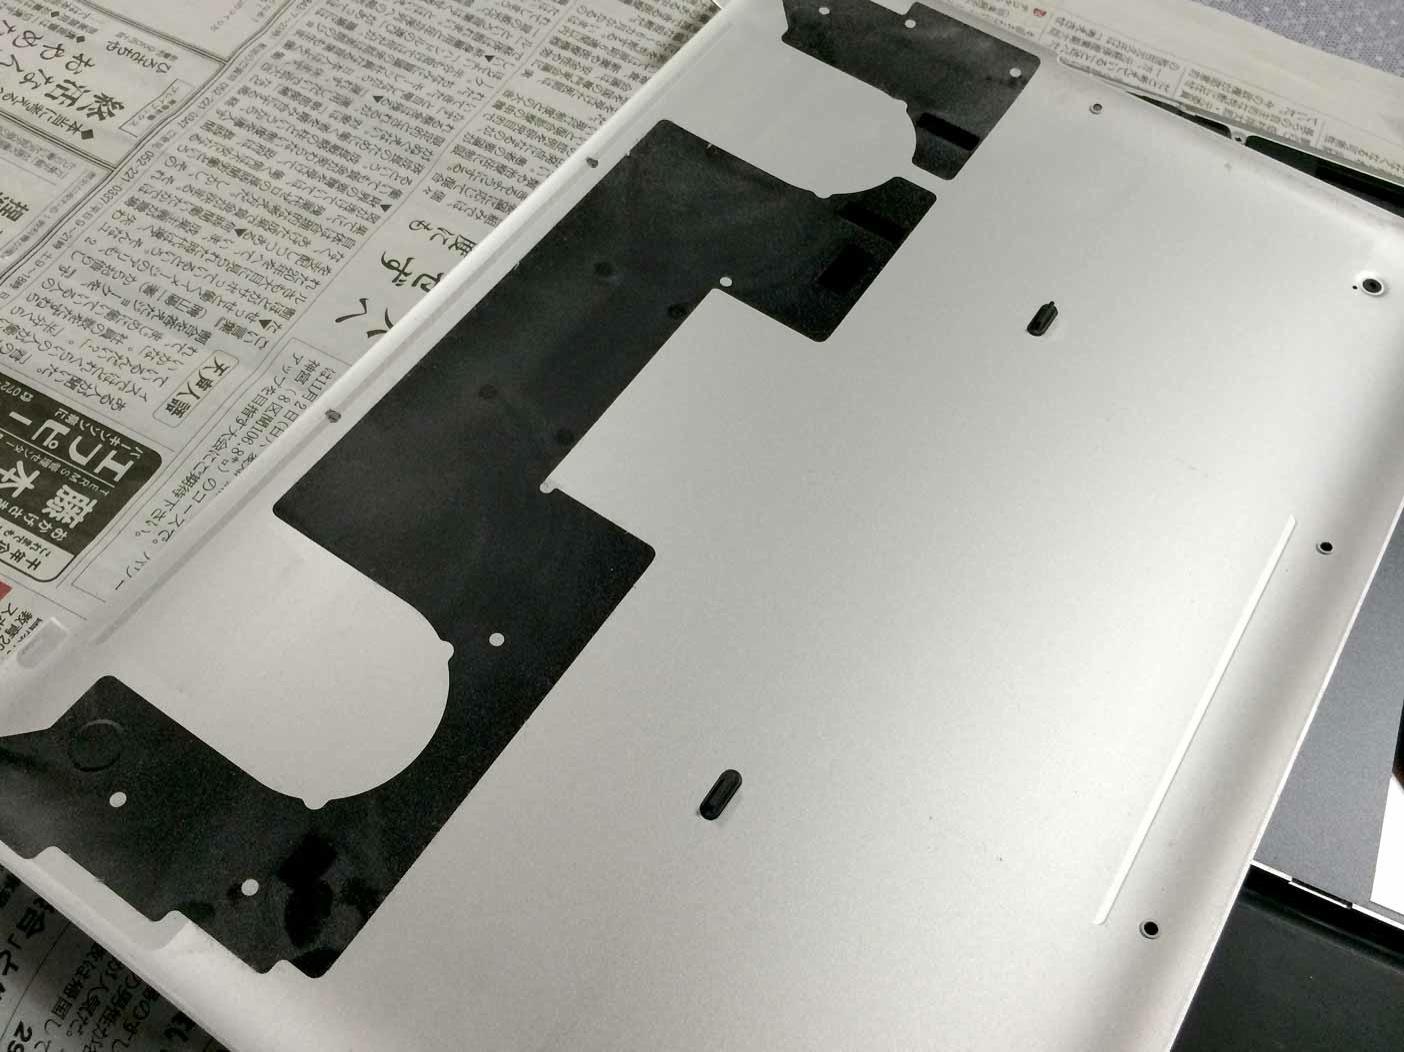 Macbookの内側の汚れ